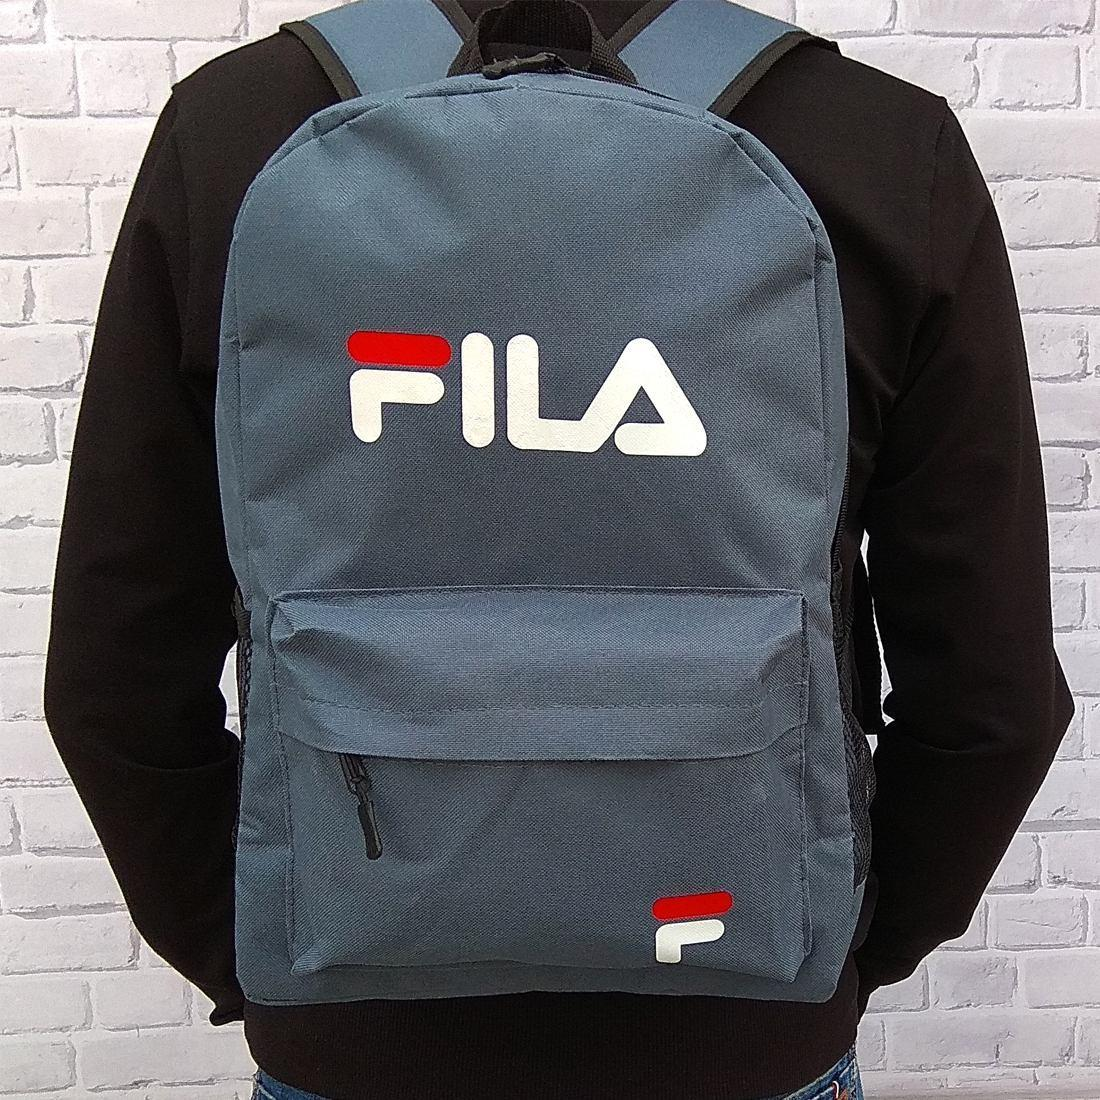 Качественный Рюкзак, портфель с накаткой в стиле FILA, фила. Серый / F 03